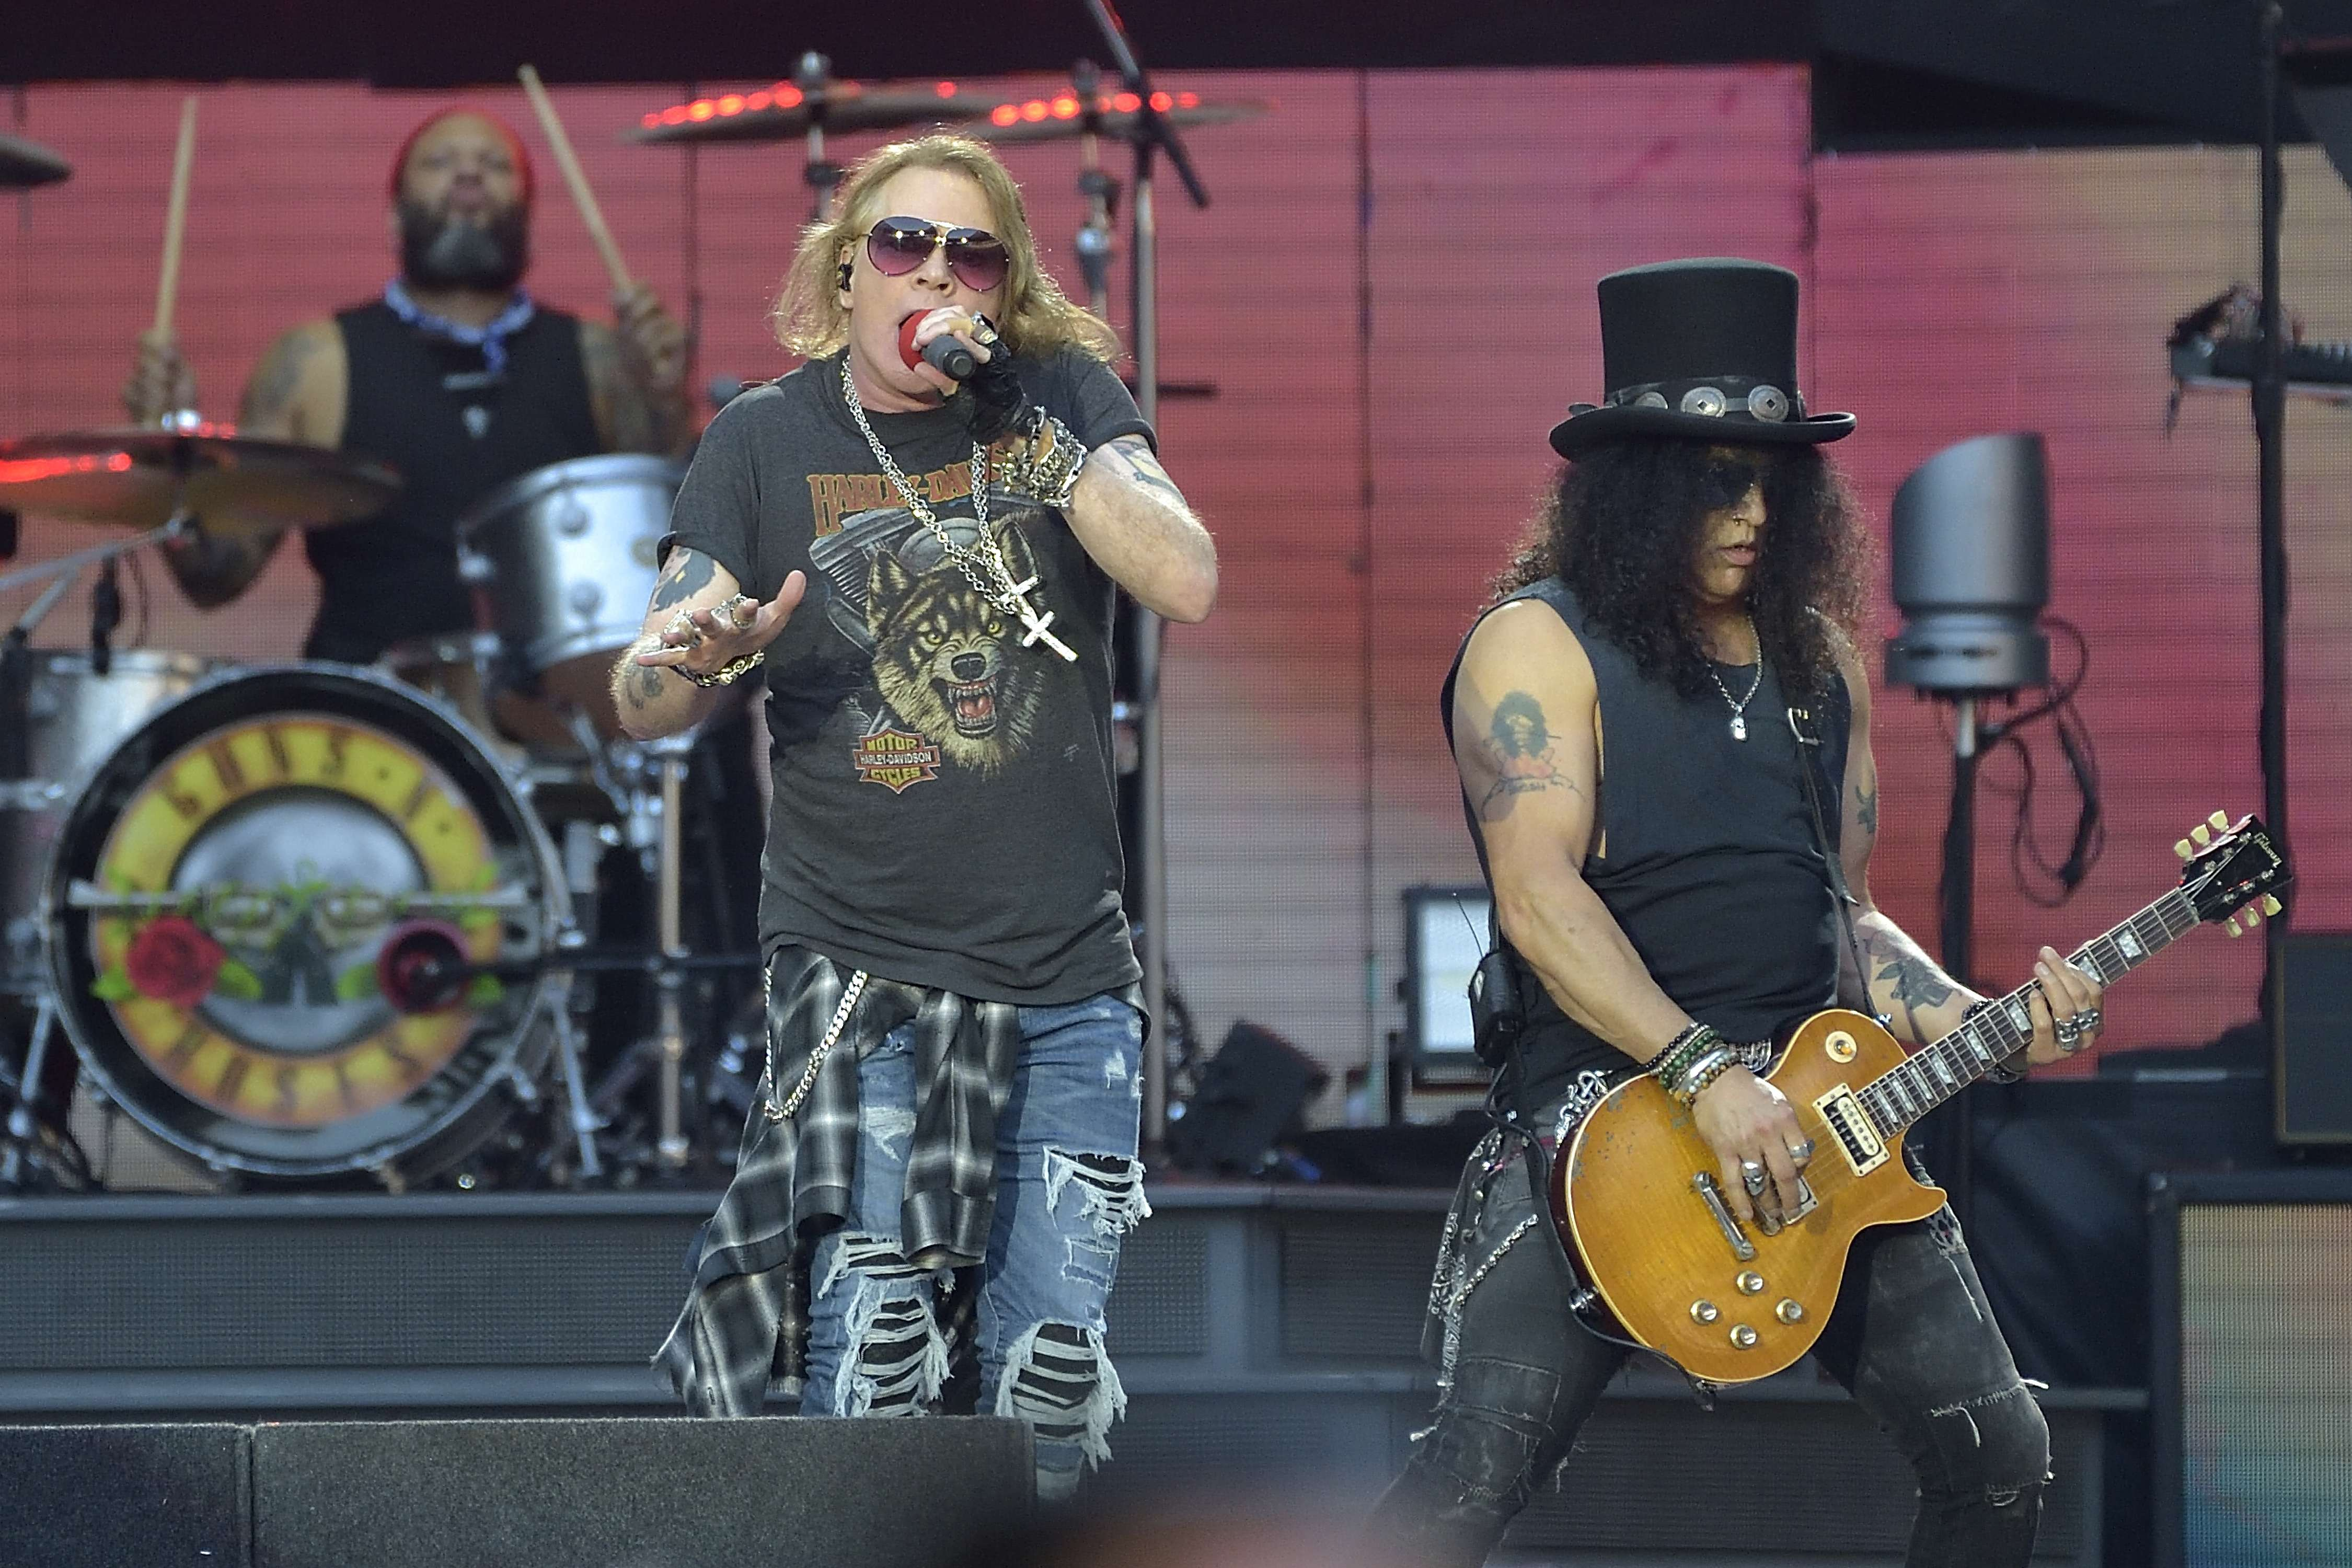 Guns N' Roses, Def Leppard, Lynyrd Skynyrd to Headline Inaugural Exit 111 Festival